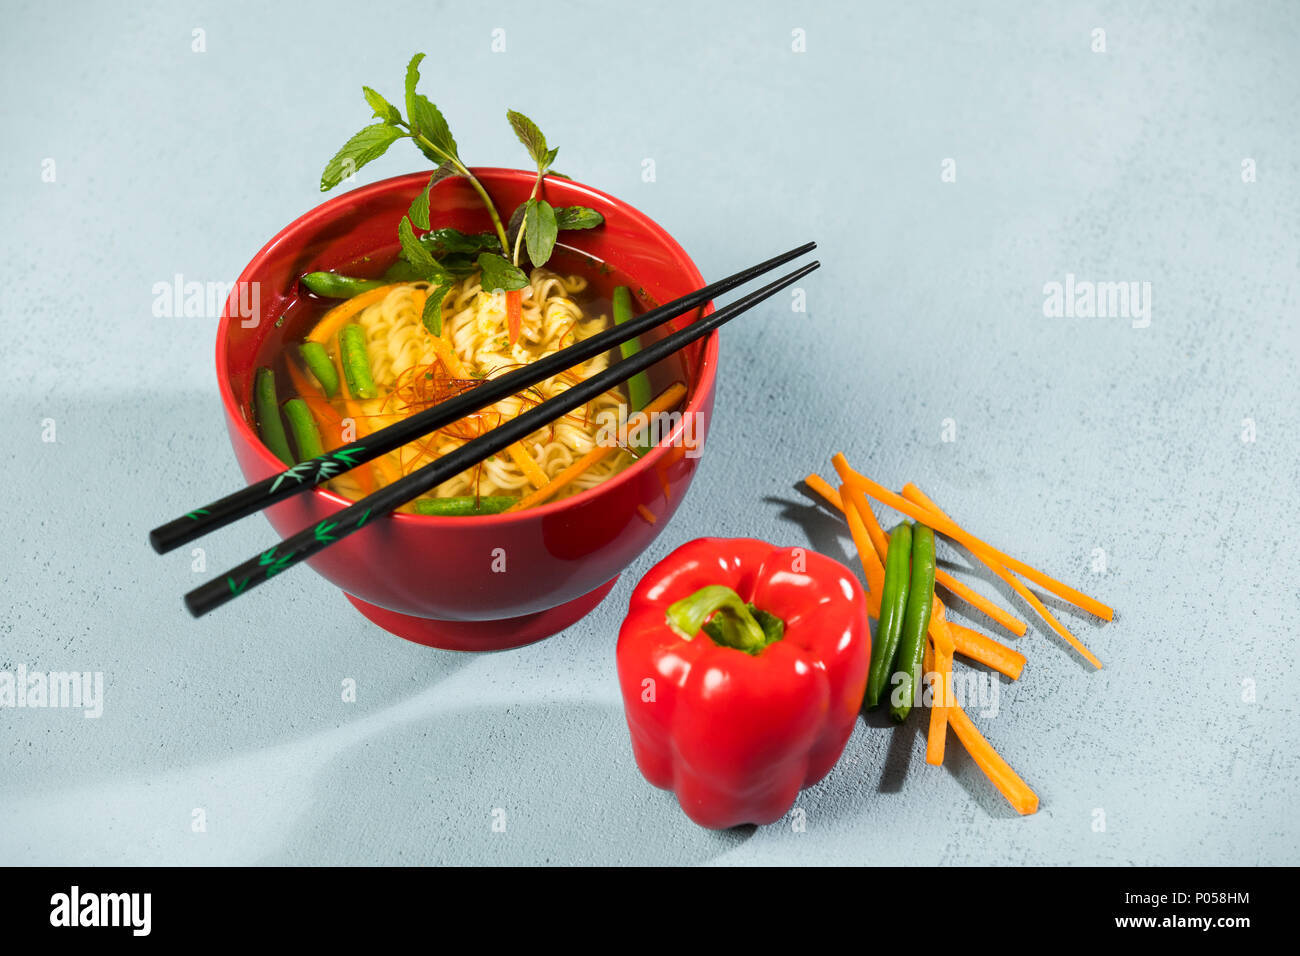 Nudelsuppe mit Mie-Nudeln, Karotten, grüne Bohnen, Paprika, Minze und Chili, Studio Stock Photo